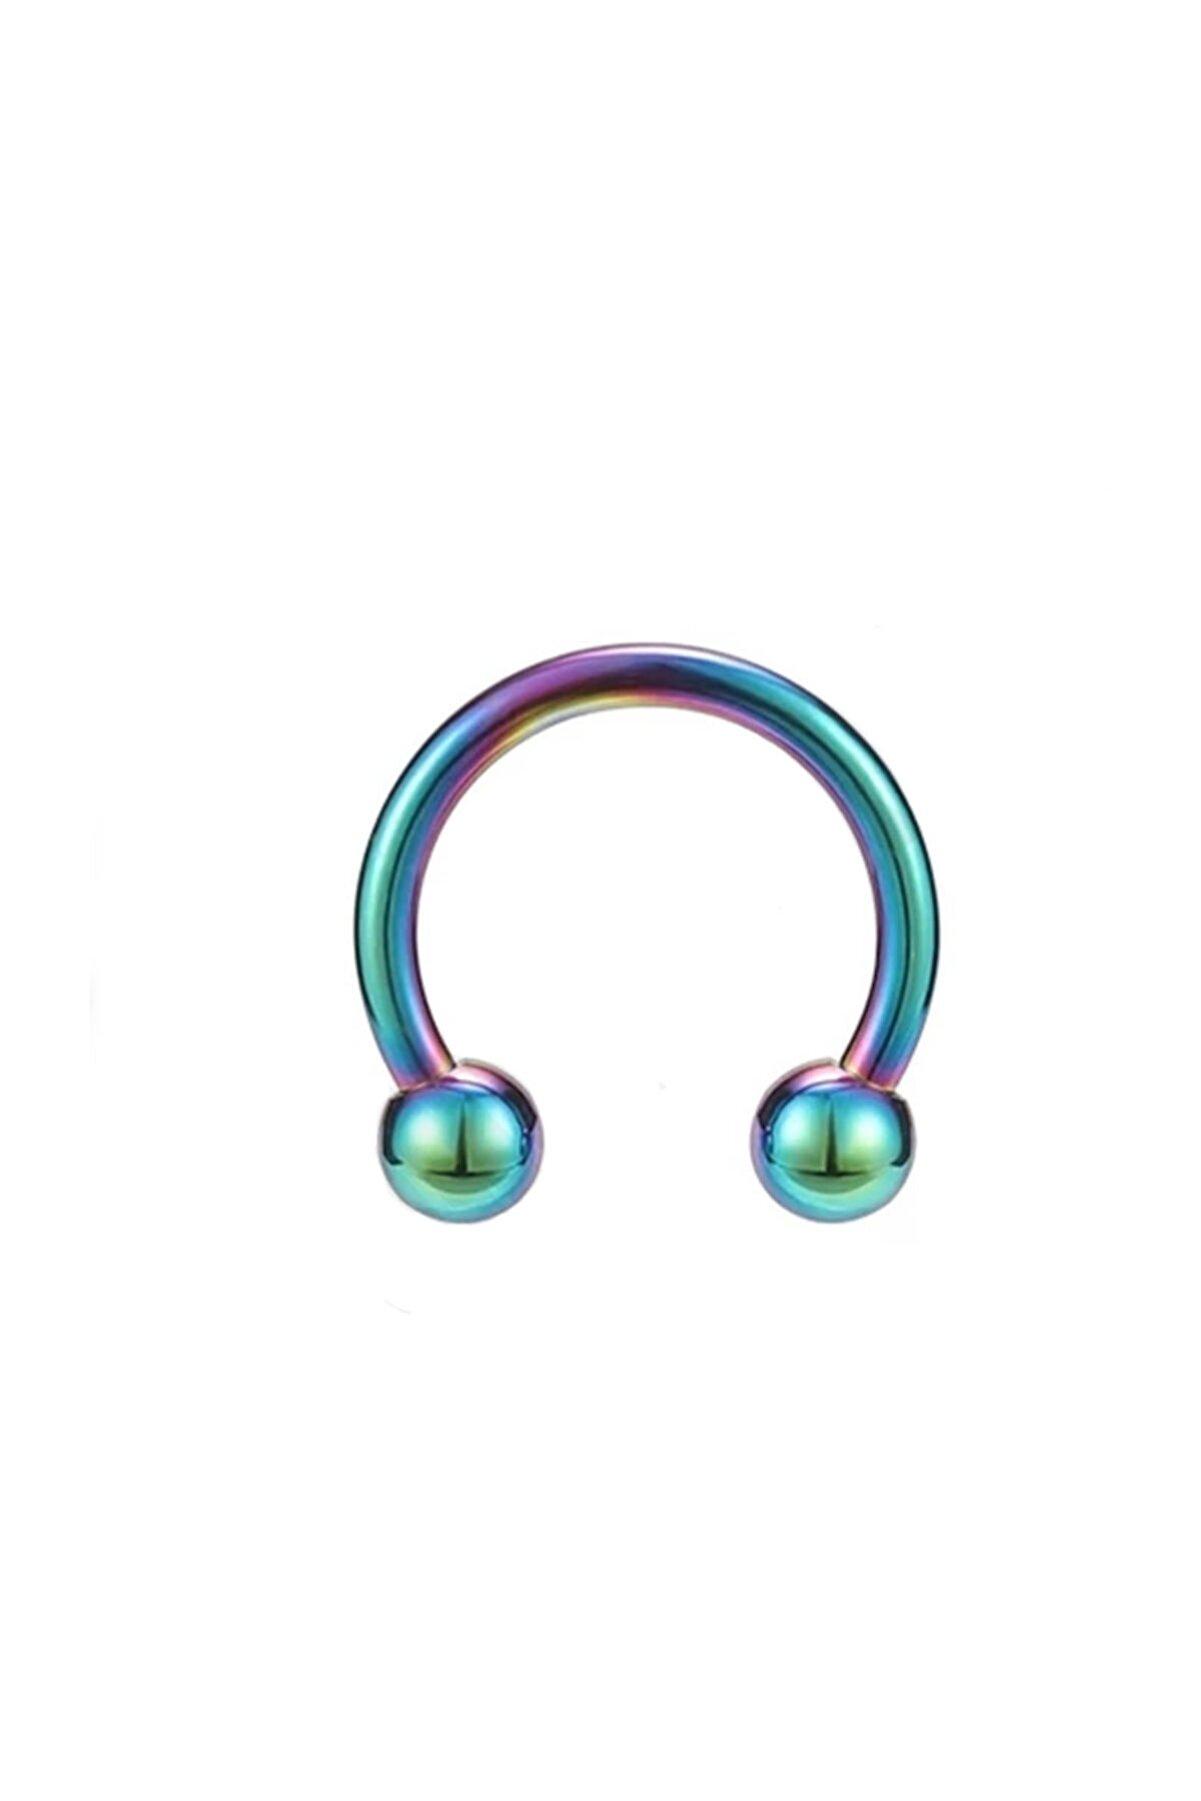 Cadının Dükkanı Cerrahi Çelik Gökkuşağı Rengi Kulak-dudak-burun Piercing (iç Çap 12 Mm)